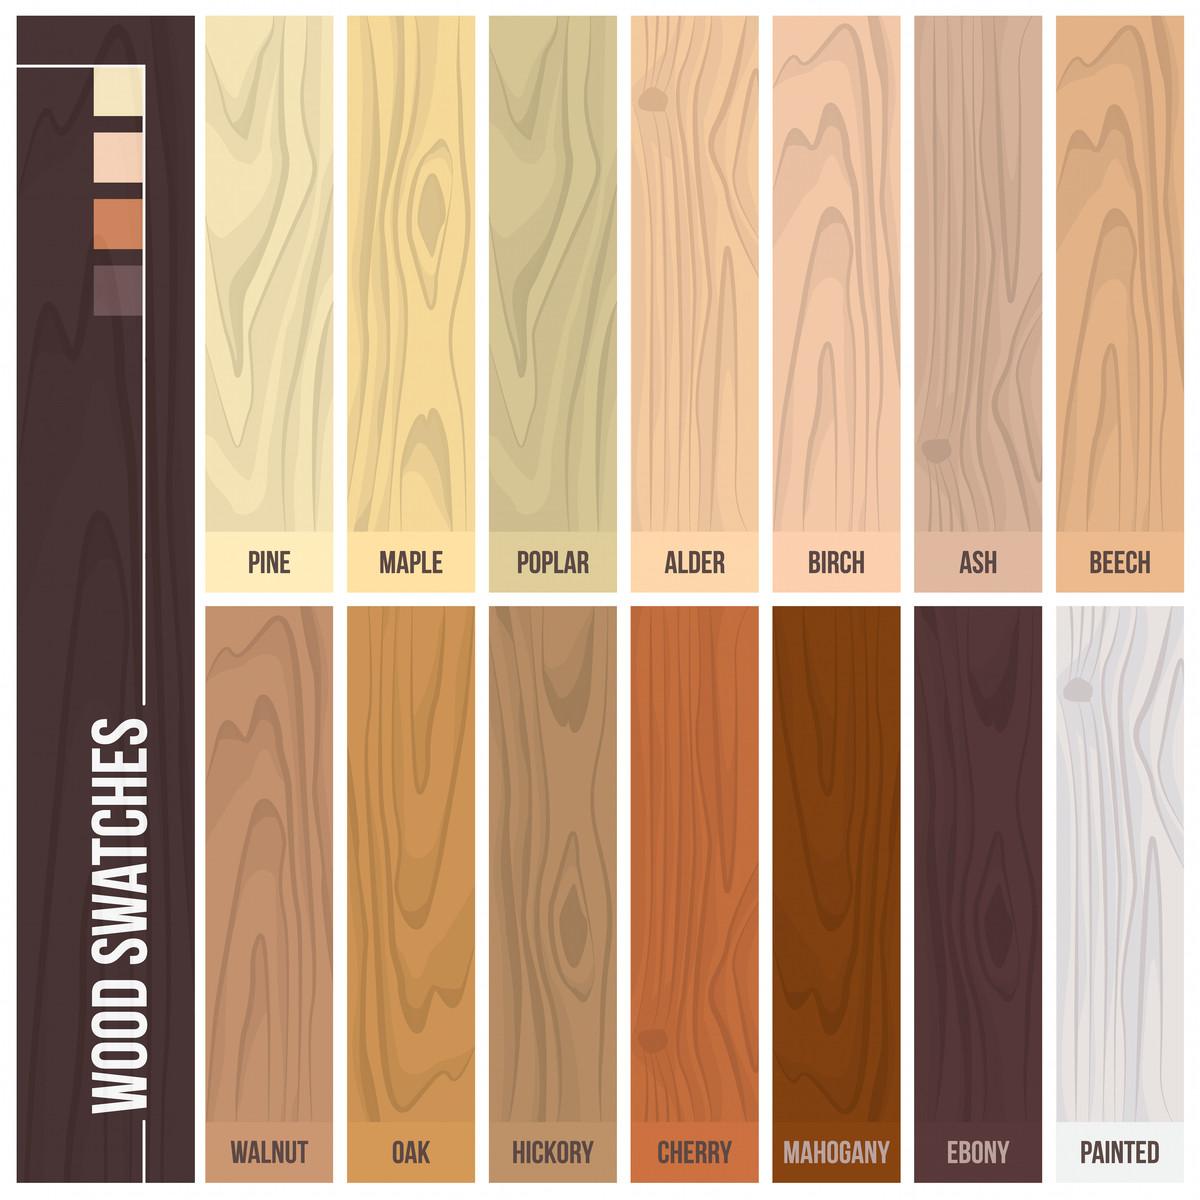 hardwood flooring dealers near me of 12 types of hardwood flooring species styles edging dimensions intended for types of hardwood flooring illustrated guide